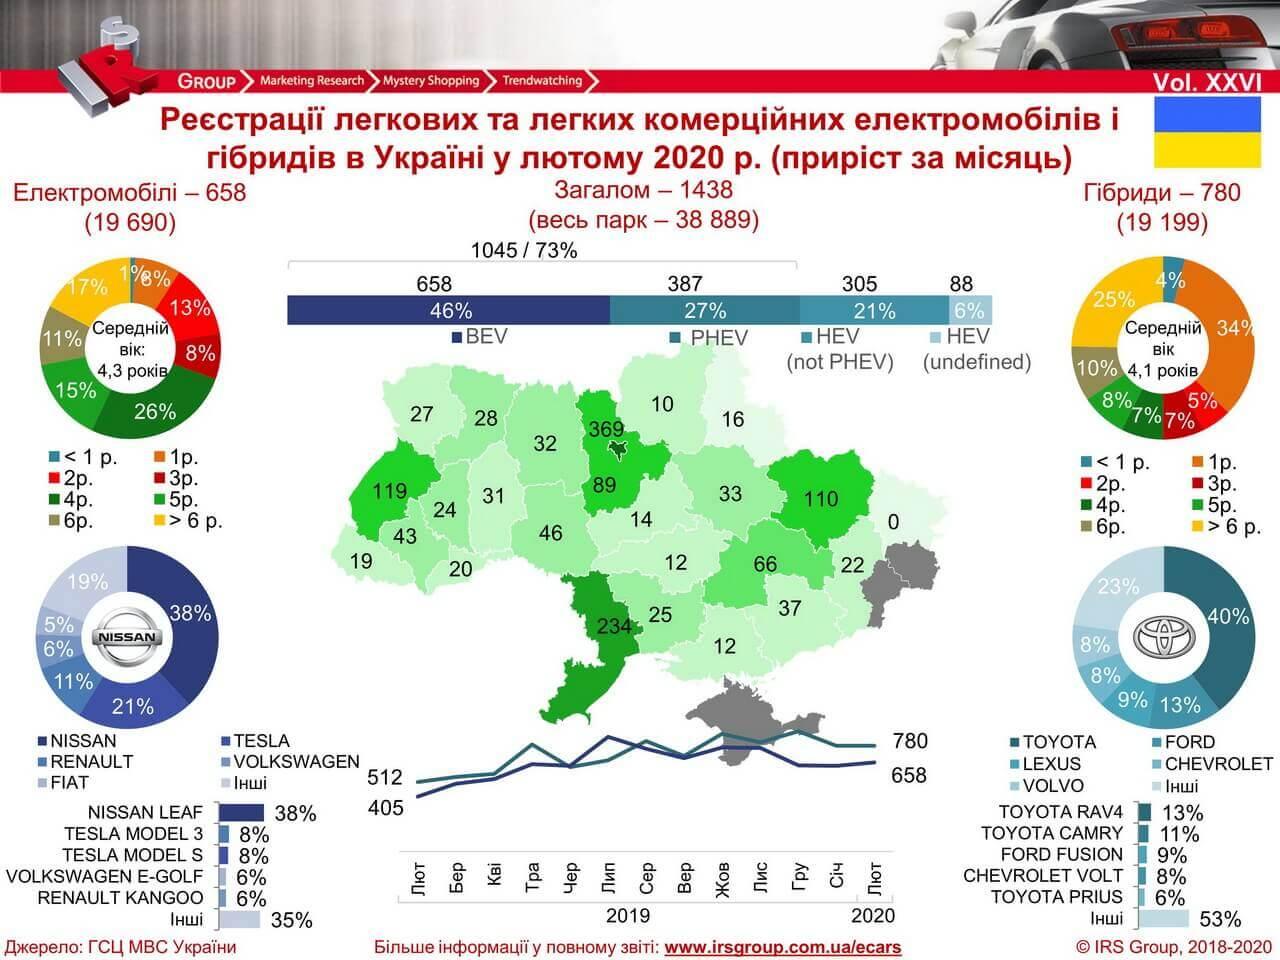 Количество зарегистрированных электрических и гибридных автомобилей в Украине на 01.03.2020 года